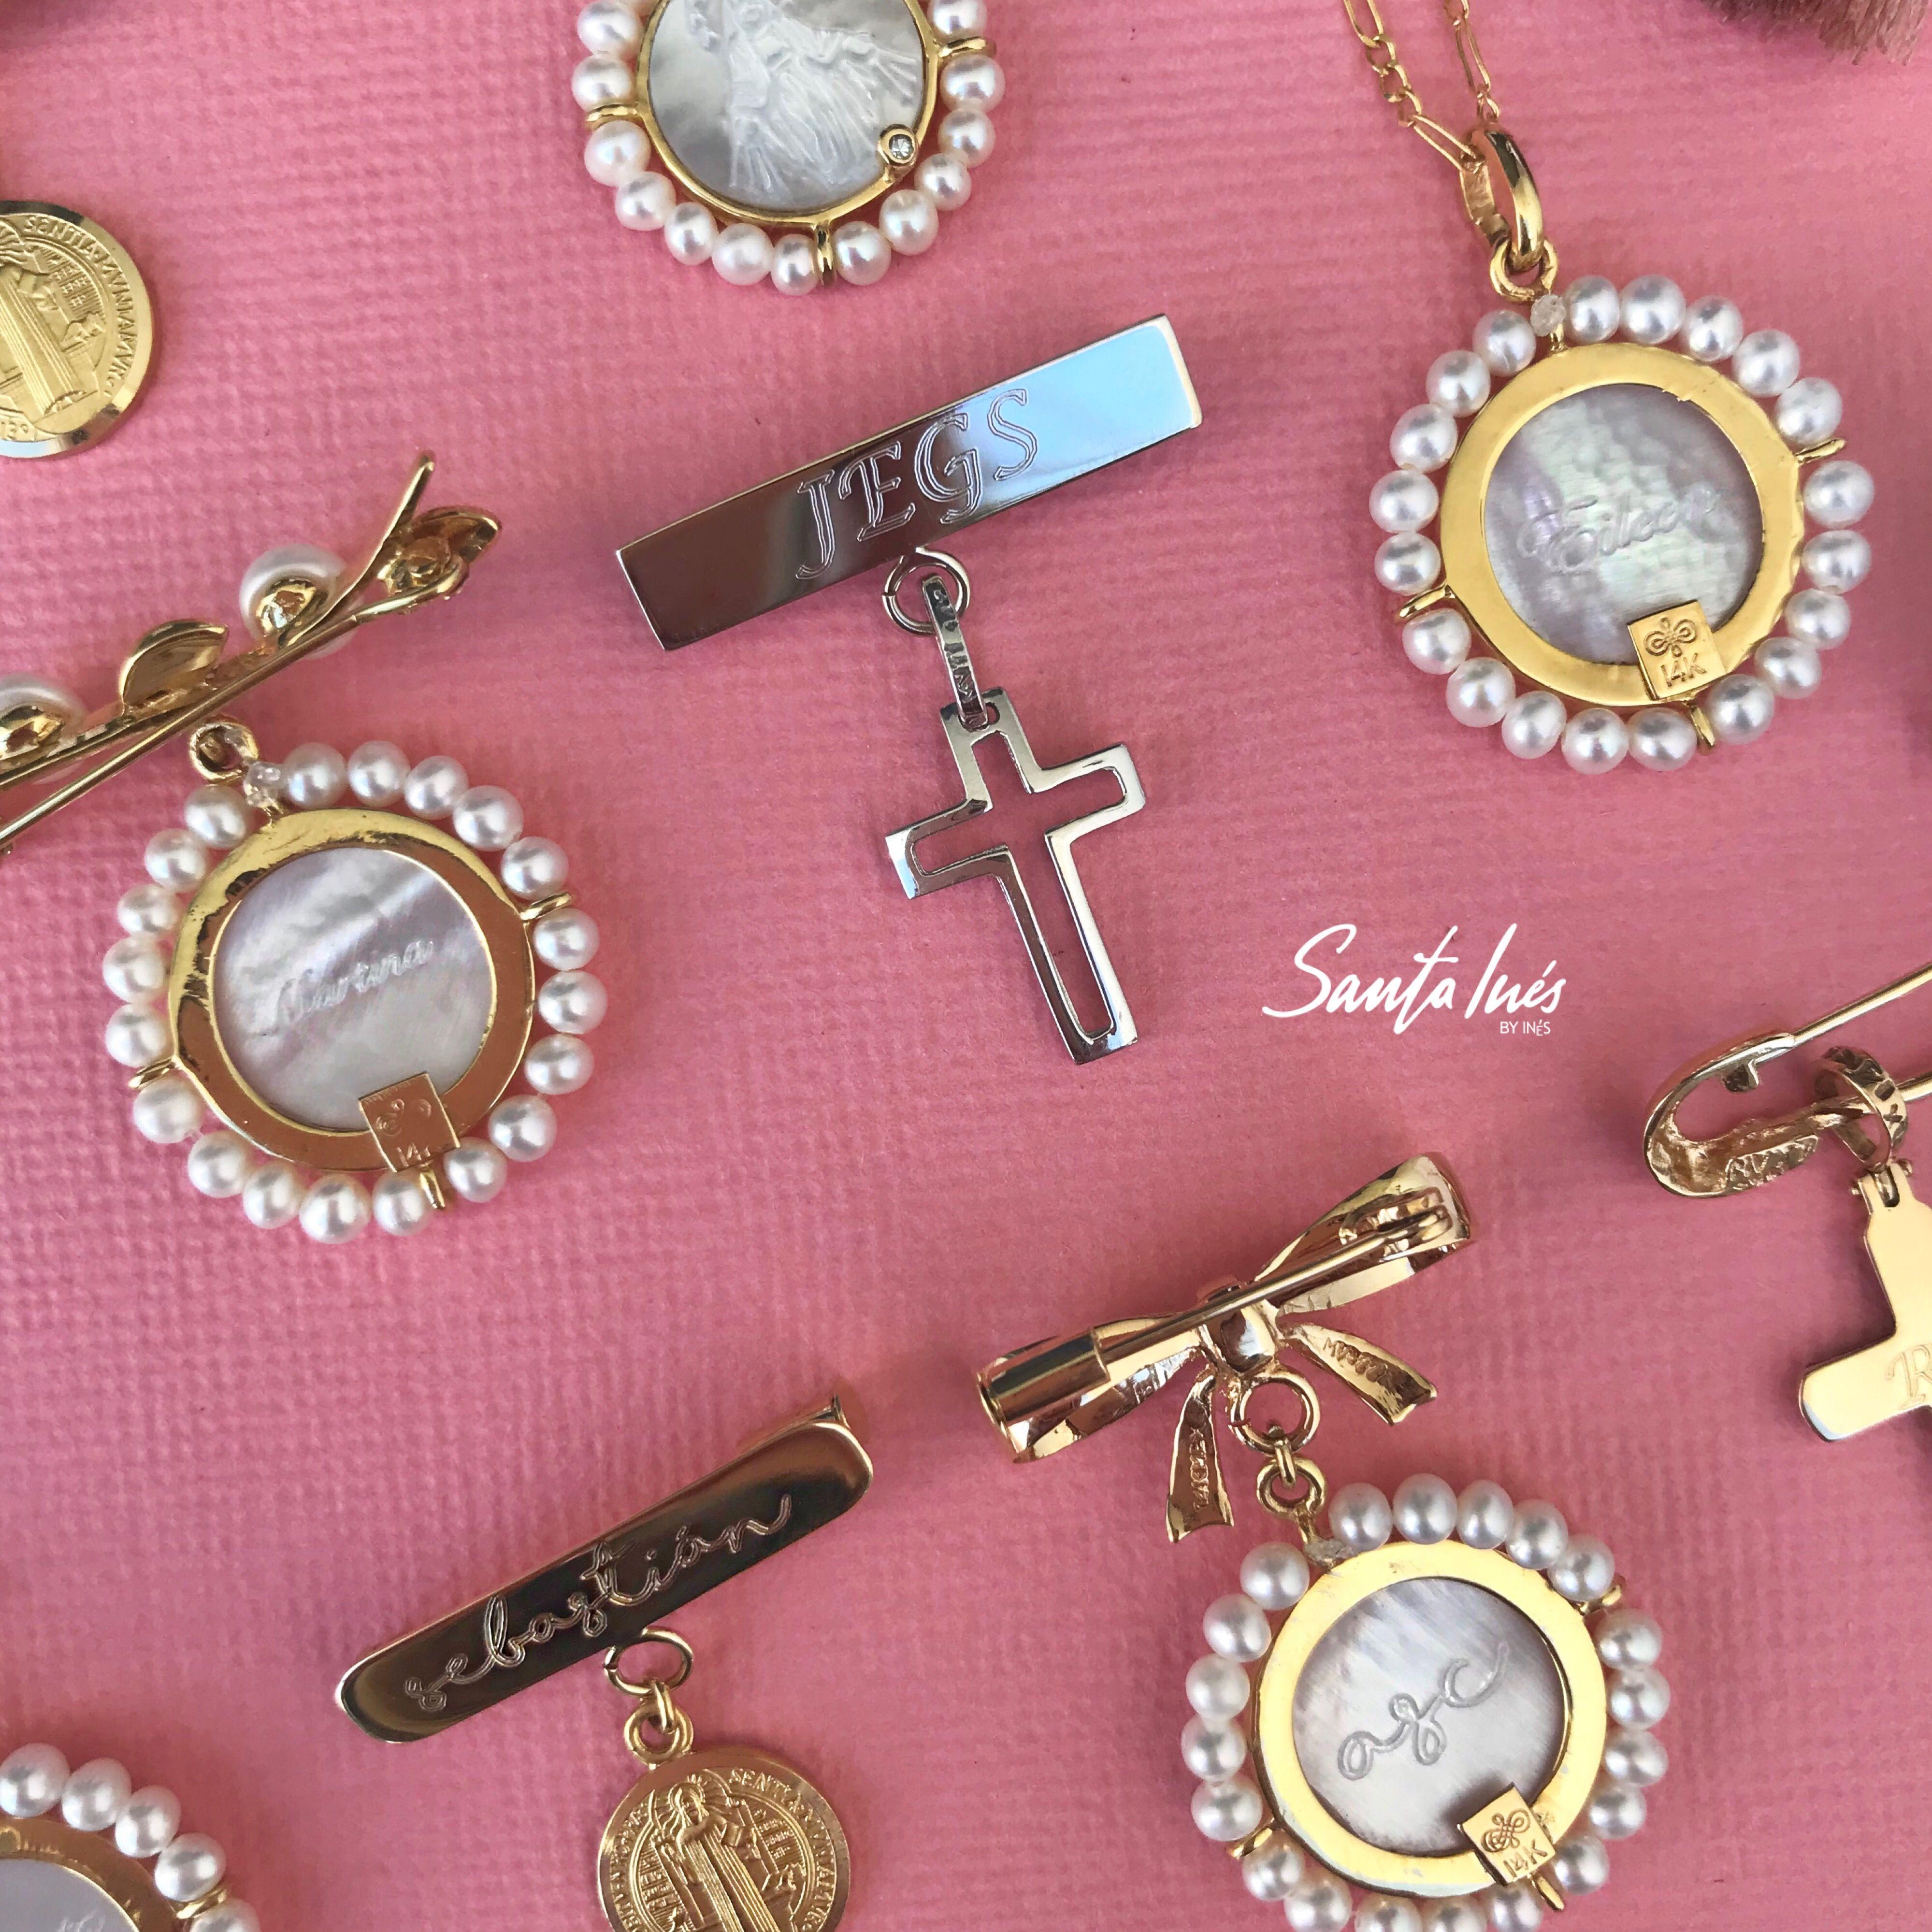 78d9d0510cc5 Joyería religiosa personalizada para bautizo y primera comunión en oro 14k  de Santa Inés